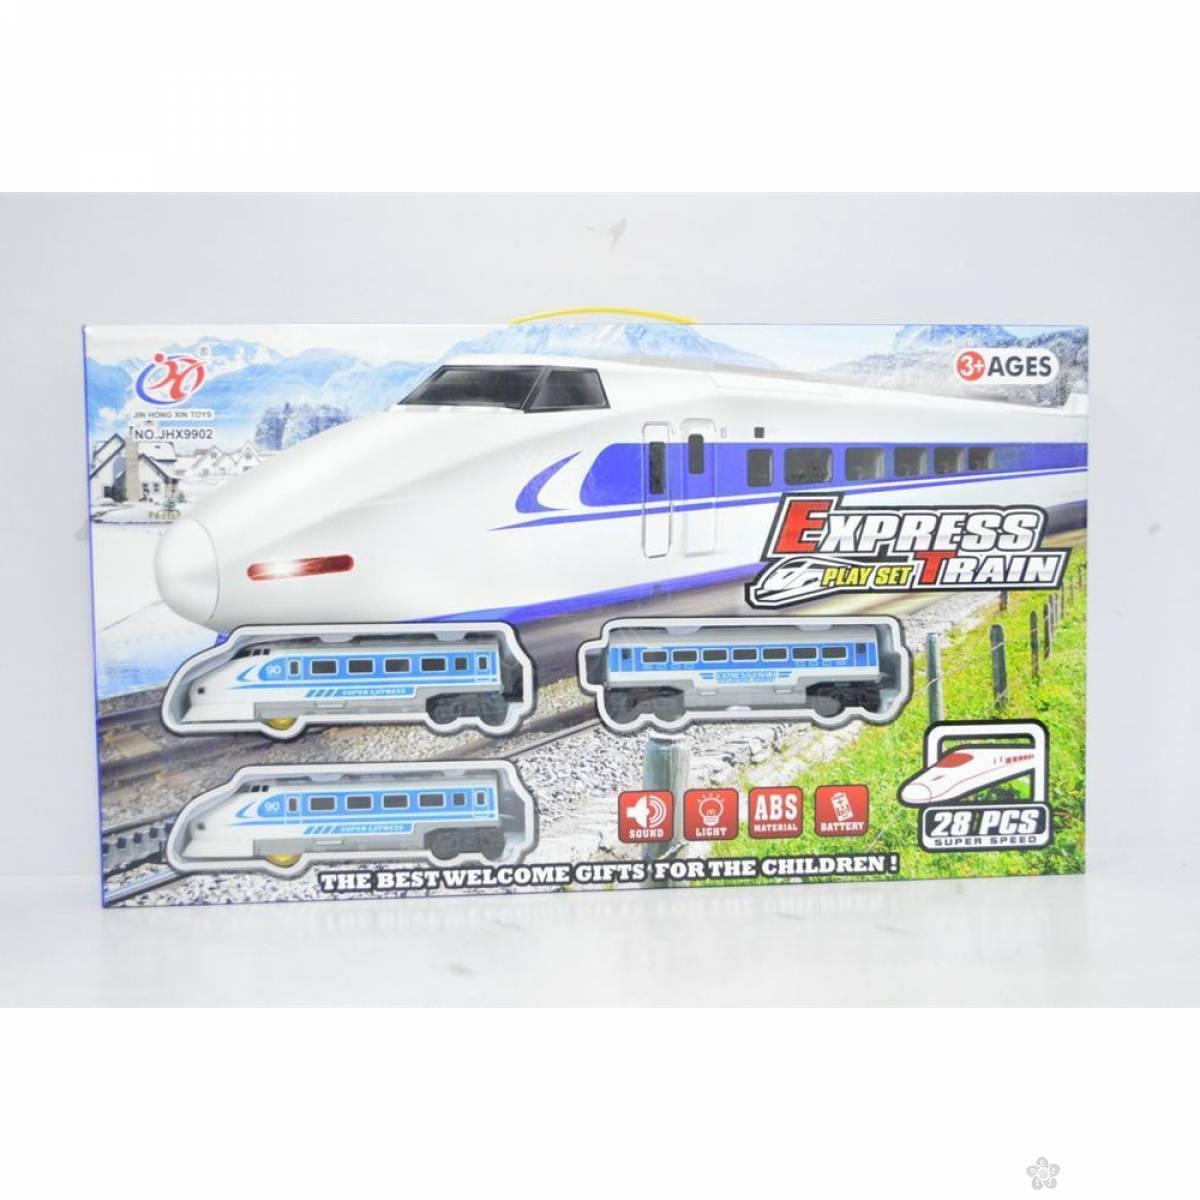 Super brzi voz 026855